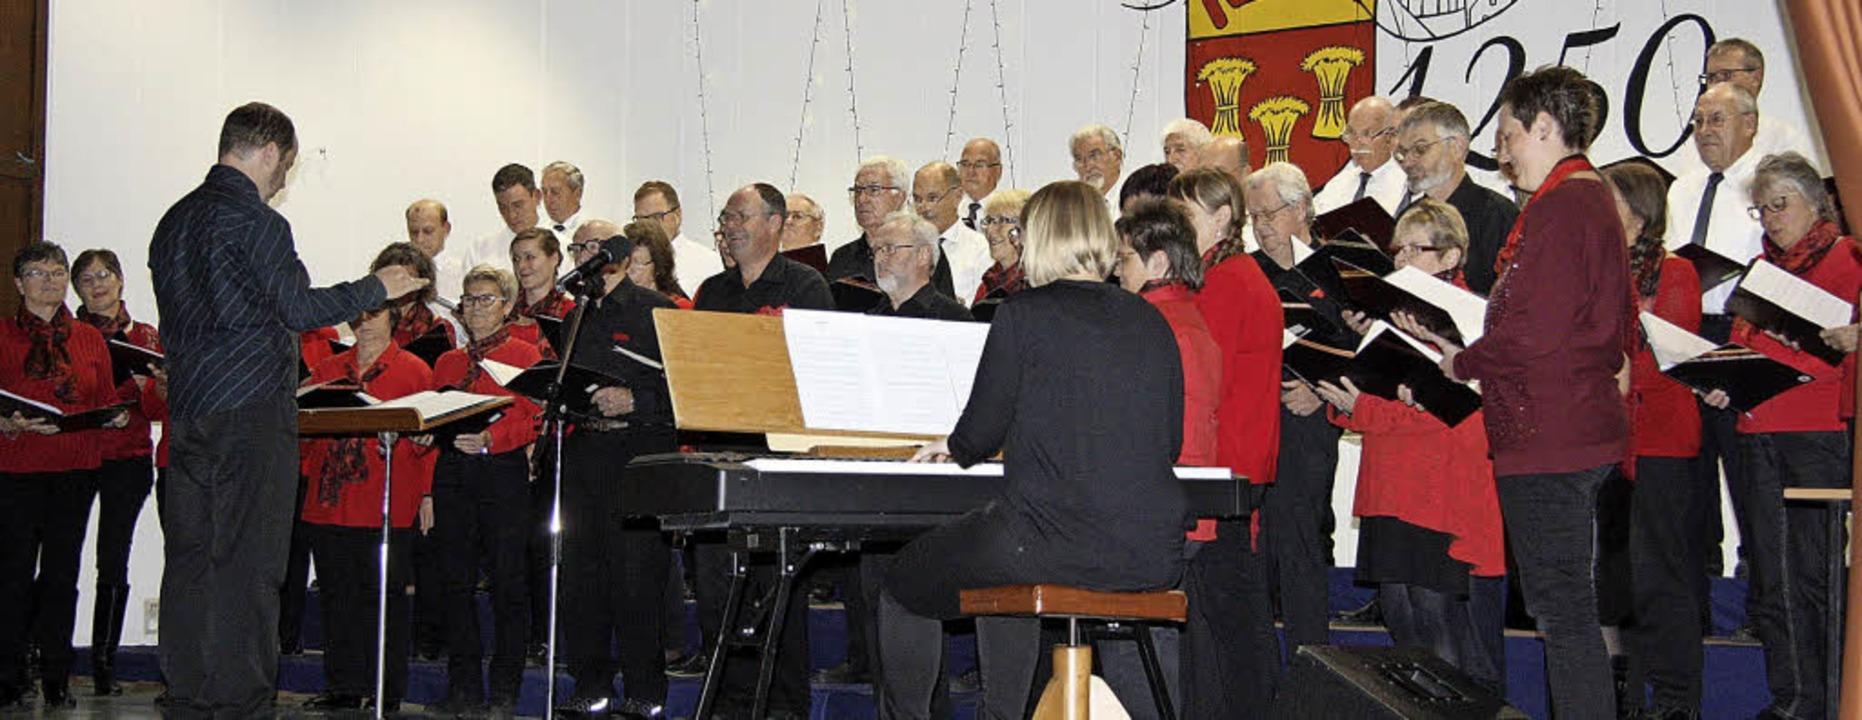 Als Singgemeinschaft bereiteten der ge...alle ihrem Publikum viel Hörvergnügen.  | Foto: WalTer Bronner